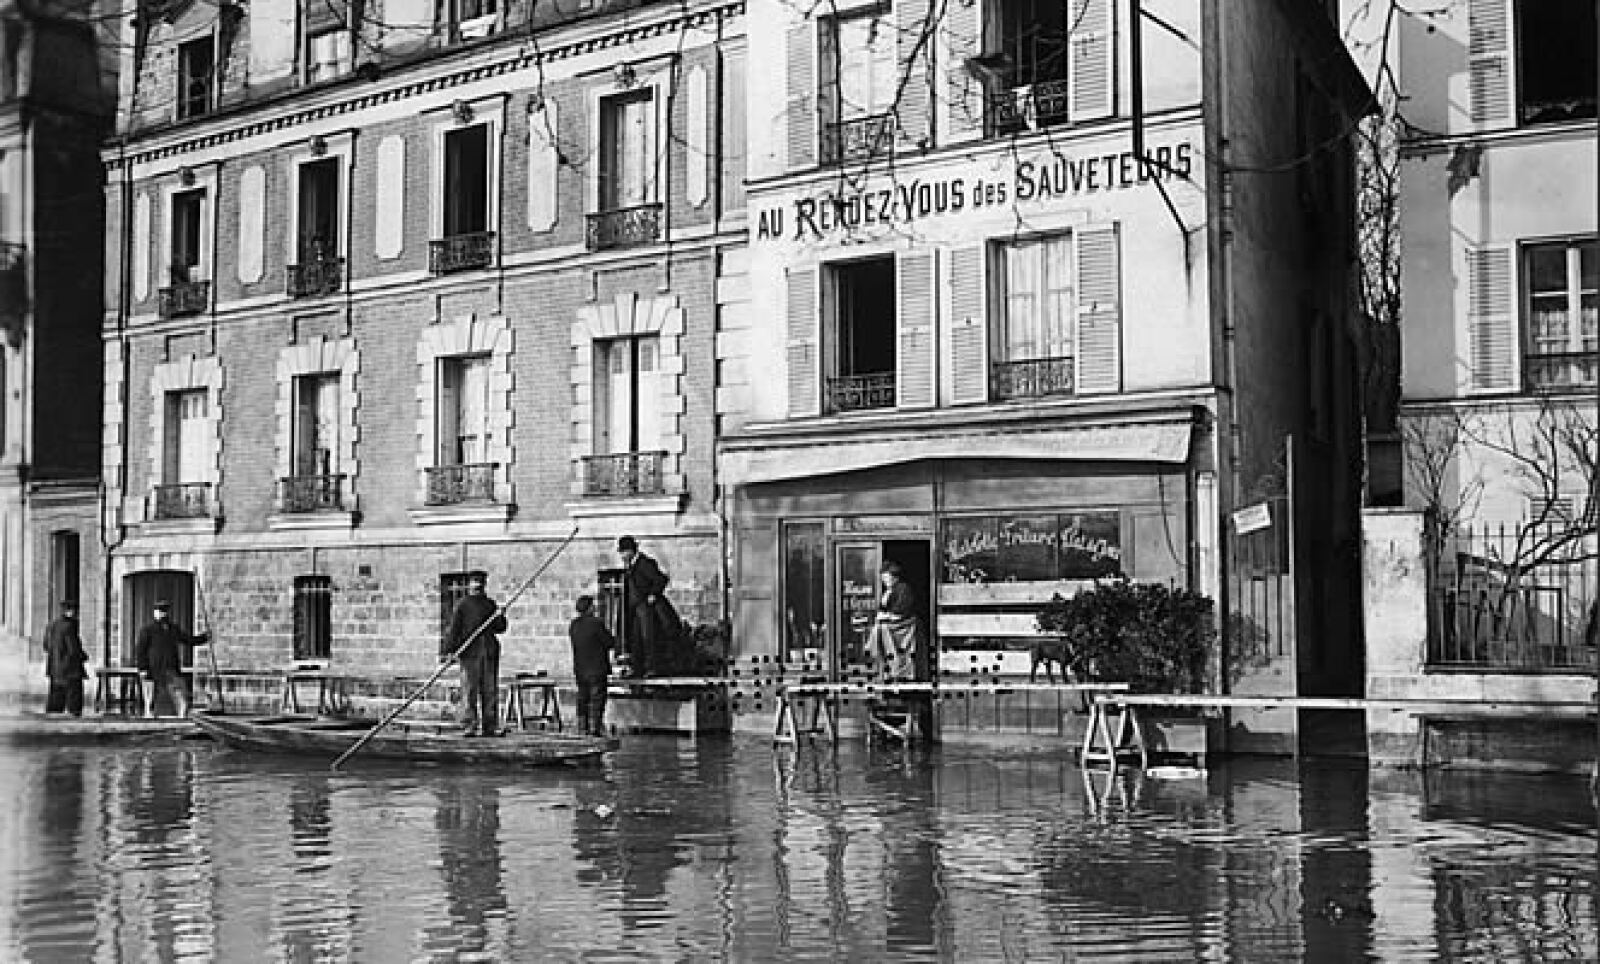 Más de 14,000 edificios fueron afectados por la aguas, se estimó que las pérdidas económicas ascendían los 380 millones de dólares.